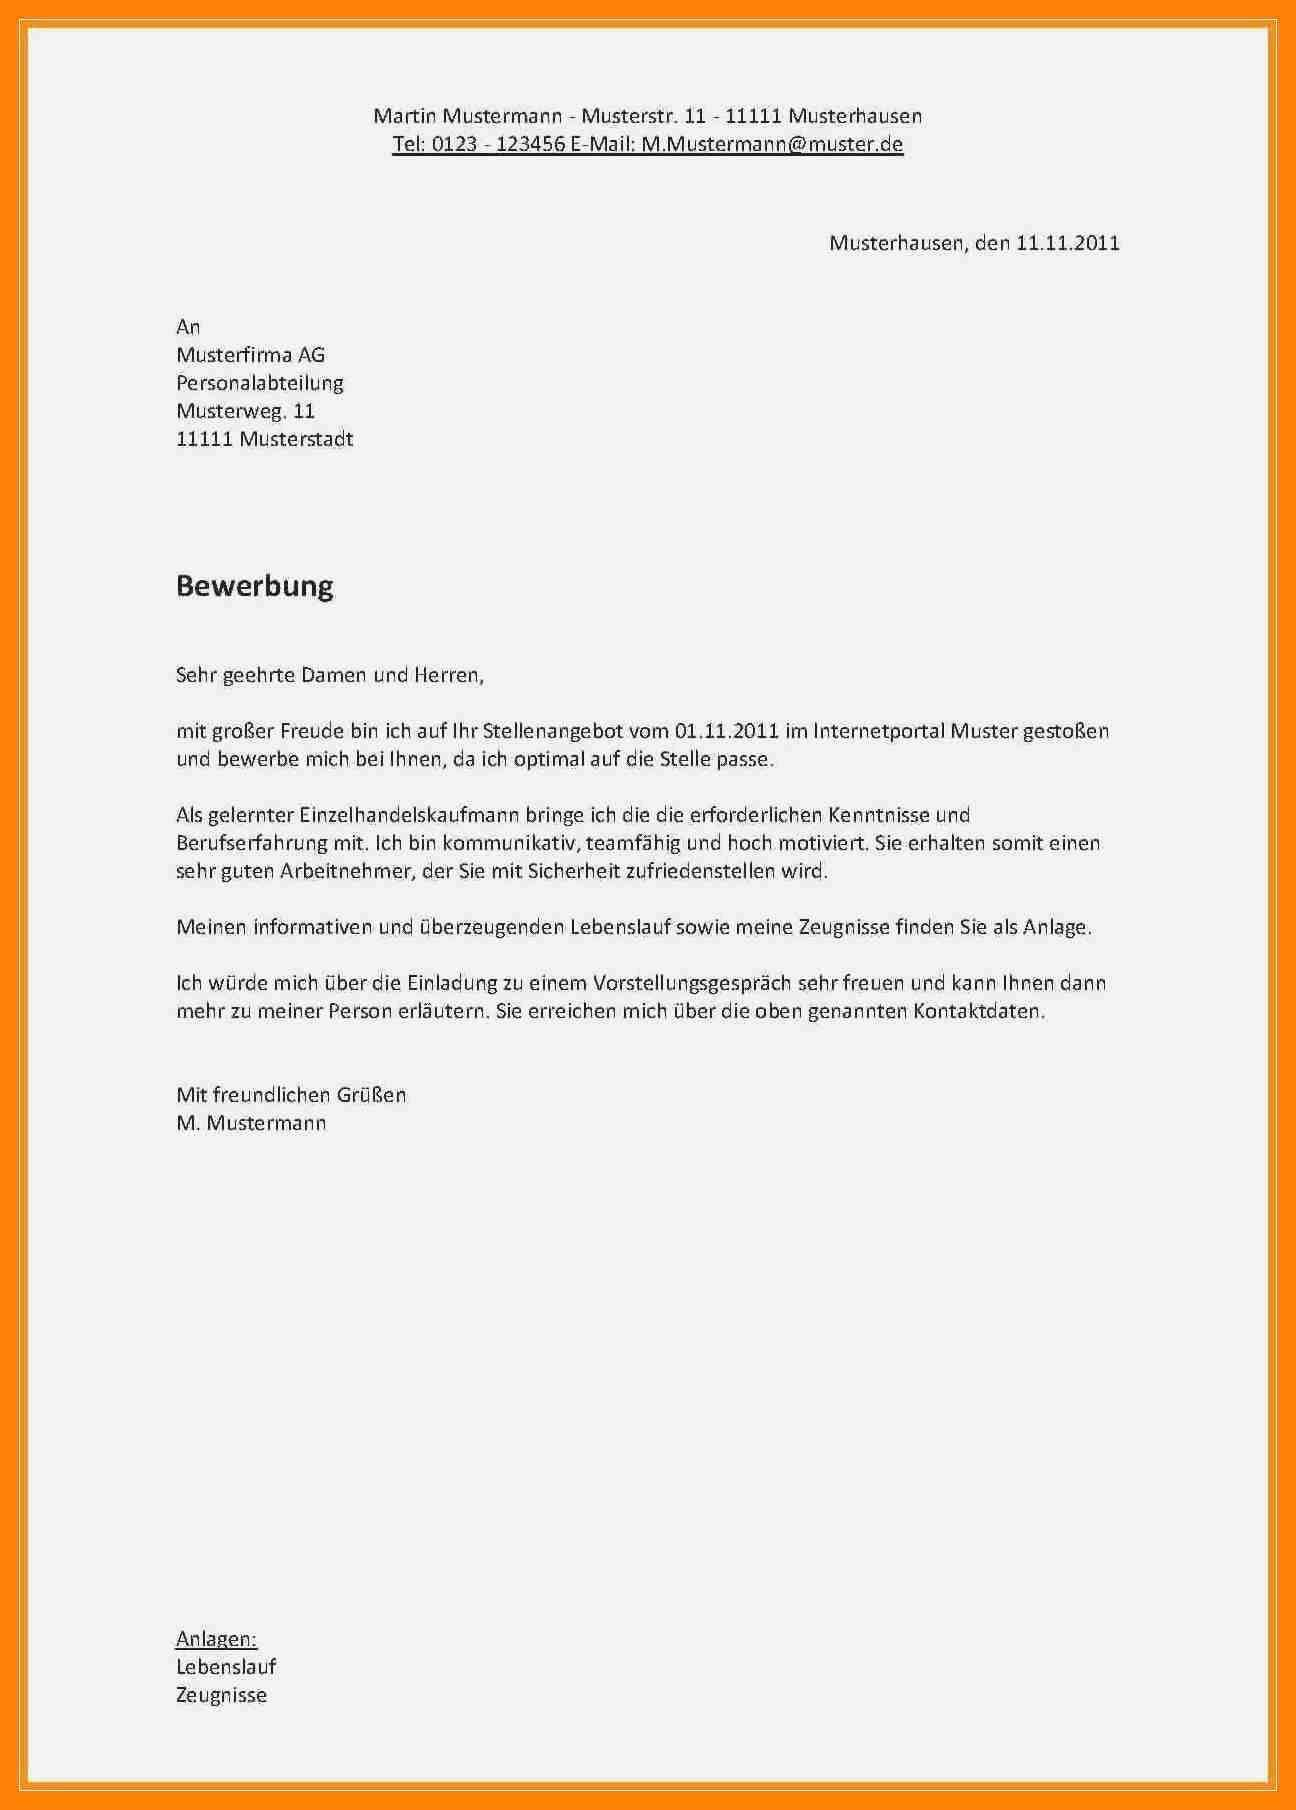 Frisch Bewerbungsschreiben Produktionshelfer Ohne Erfahrung Briefprobe Briefformat Briefvorlage Bewerbung Schreiben Anschreiben Vorlage Bewerbung